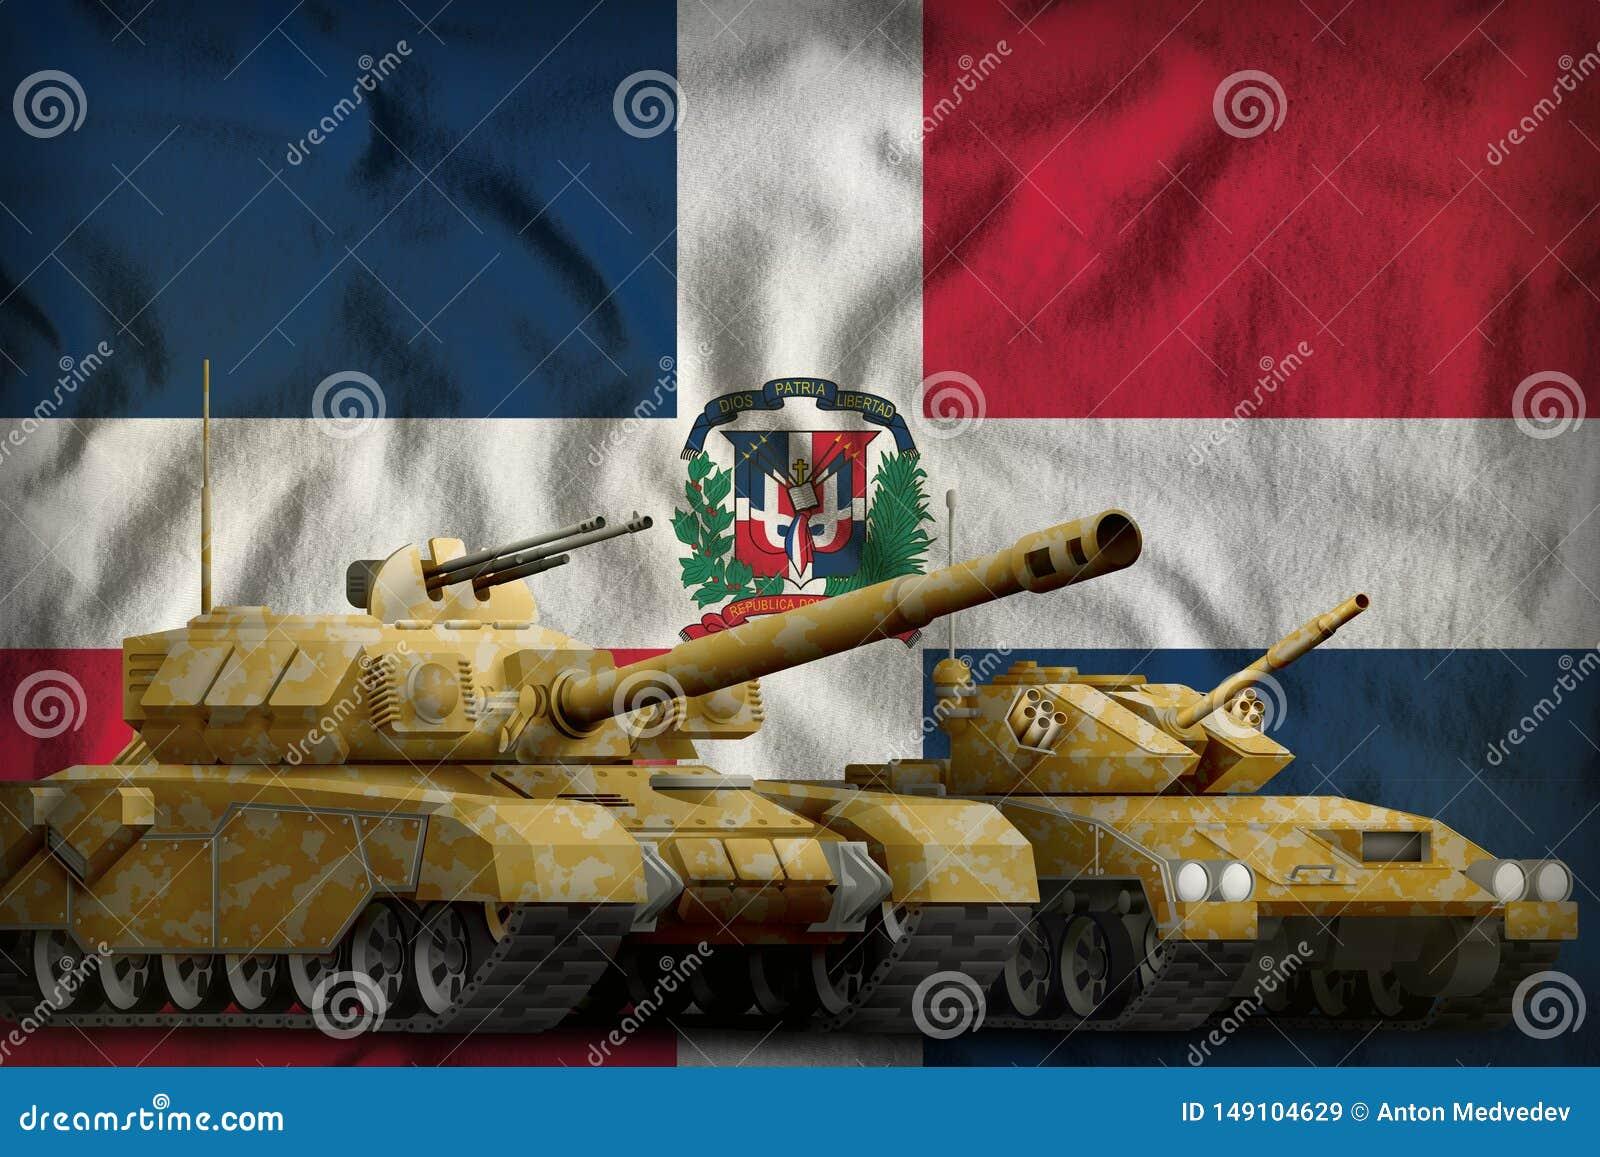 Concepto de las fuerzas del tanque de la Rep?blica Dominicana los tanques con camuflaje anaranjado en fondo de la bandera ilustra